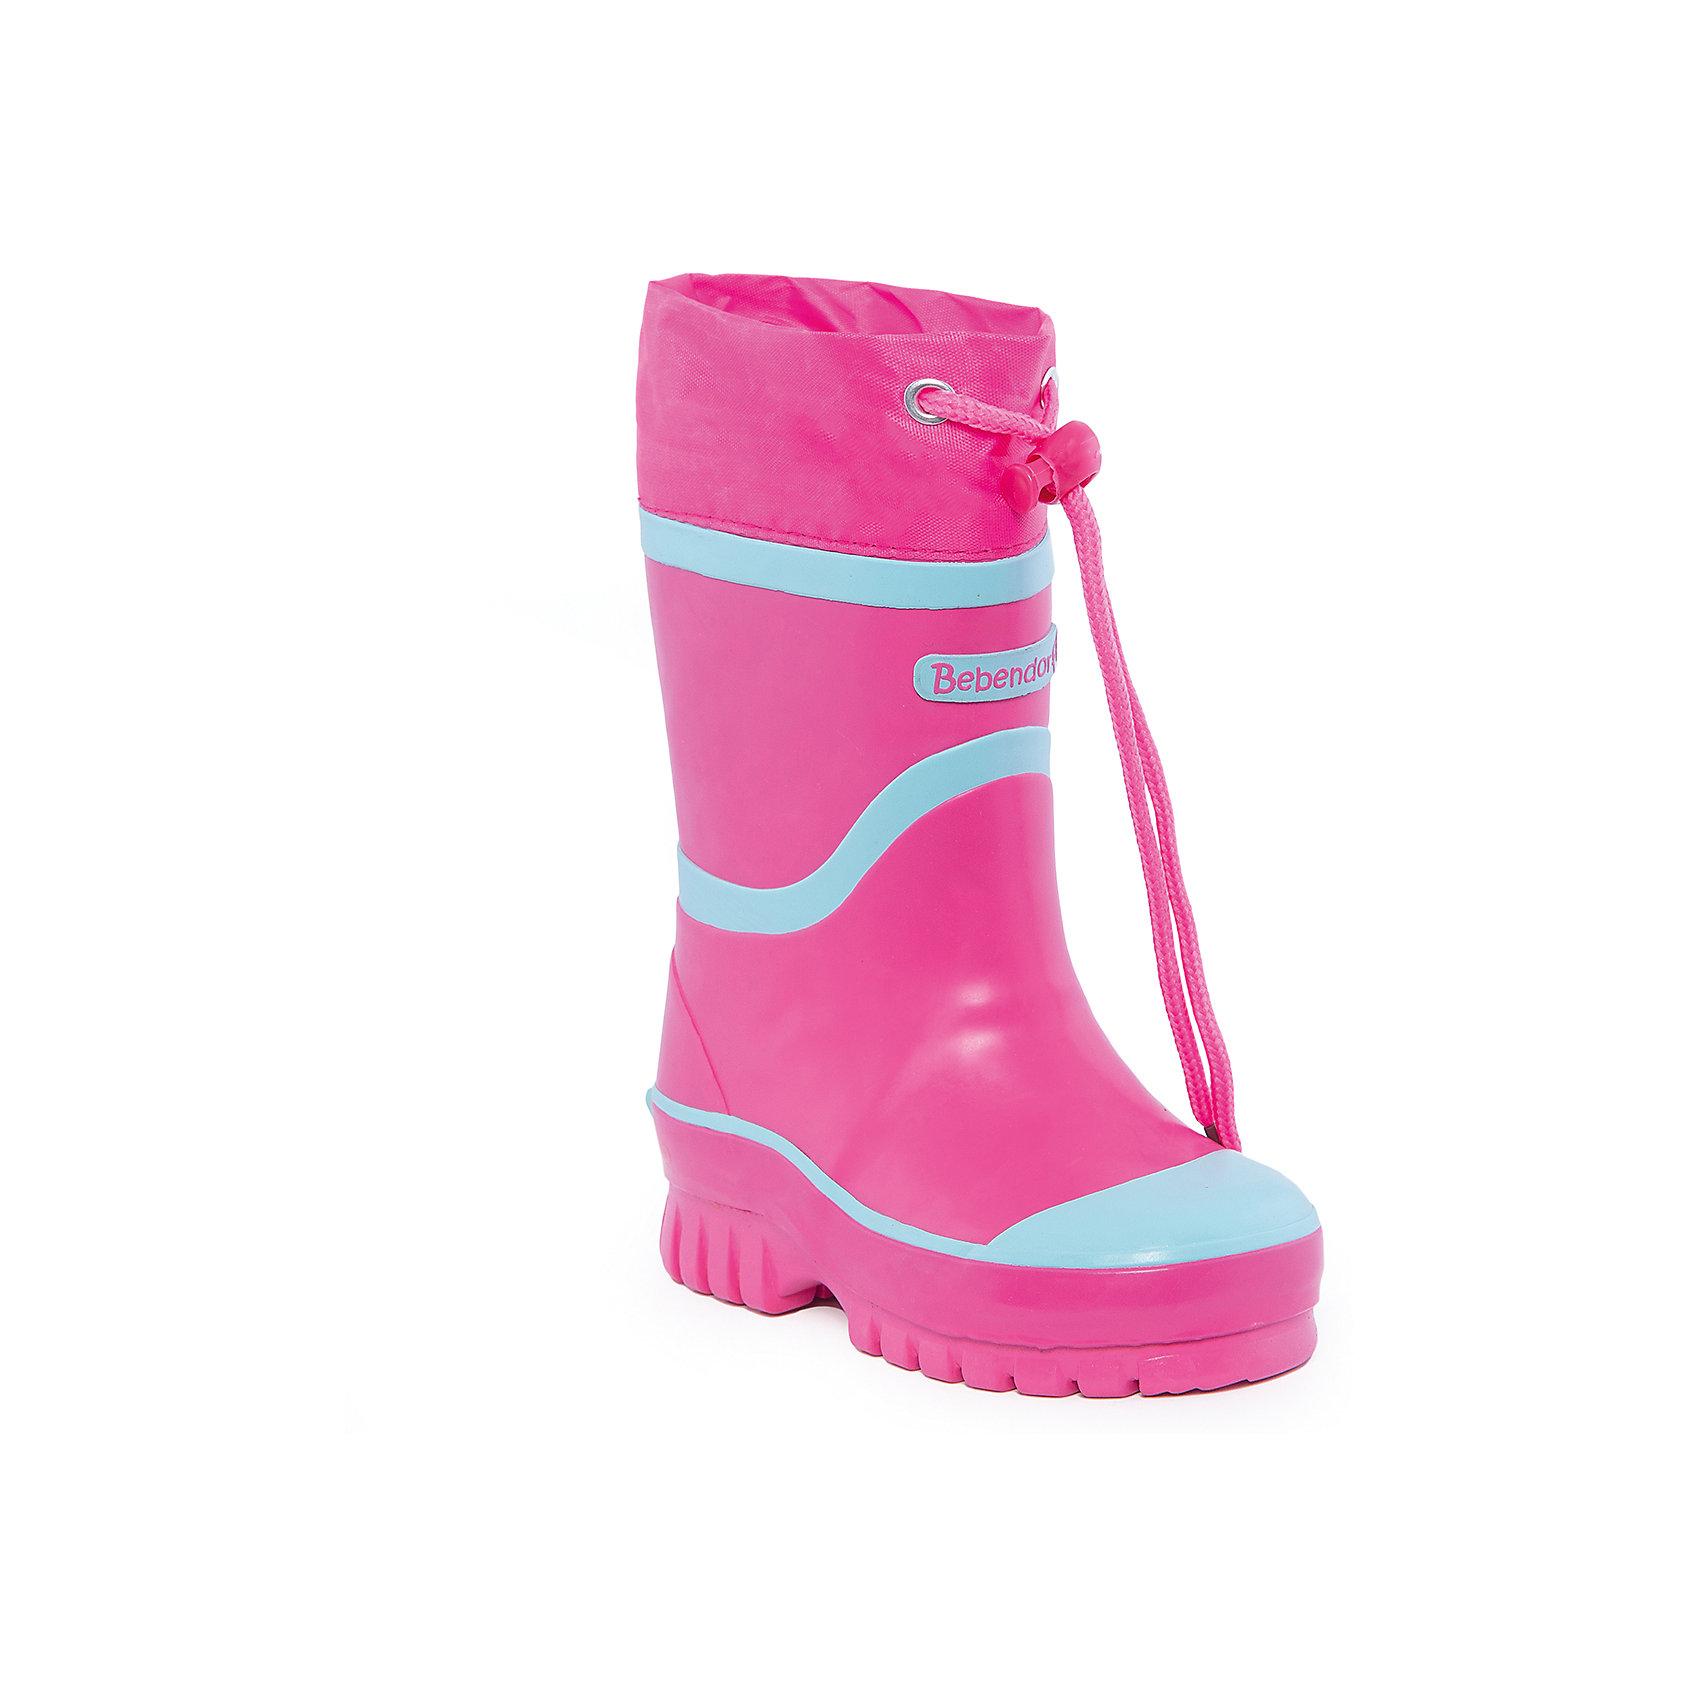 Резиновые сапоги для девочки BebendorffРезиновые сапоги для девочки от известного бренда Bebendorff<br><br>Яркие модные сапоги сделаны из качественной резины. Они позволят защитить ноги ребенка от сырости и холода благодаря шерстяной подкладке. Высокое голенище  с утяжкой защитит одежду от грязи и влаги.<br><br>Отличительные особенности модели:<br><br>- цвет: розовый;<br>- удобная колодка;<br>- утяжка со стоппером на голенище;<br>- качественные материалы;<br>- толстая устойчивая подошва;<br>- теплая подкладка;<br>- декорированы яркими деталями;<br>- подошва рифленая.<br><br>Дополнительная информация:<br><br>Температурный режим: от - 5° С до + 15° С.<br><br>Состав:<br>верх - резина;<br>подкладка - шерсть;<br>стелька - шерсть;<br>подошва - резина.<br><br>Резиновые сапоги для девочки Bebendorff (Бебендорф) можно купить в нашем магазине.<br><br>Ширина мм: 237<br>Глубина мм: 180<br>Высота мм: 152<br>Вес г: 438<br>Цвет: розовый<br>Возраст от месяцев: 24<br>Возраст до месяцев: 24<br>Пол: Женский<br>Возраст: Детский<br>Размер: 25,29,26,27,28<br>SKU: 4554539